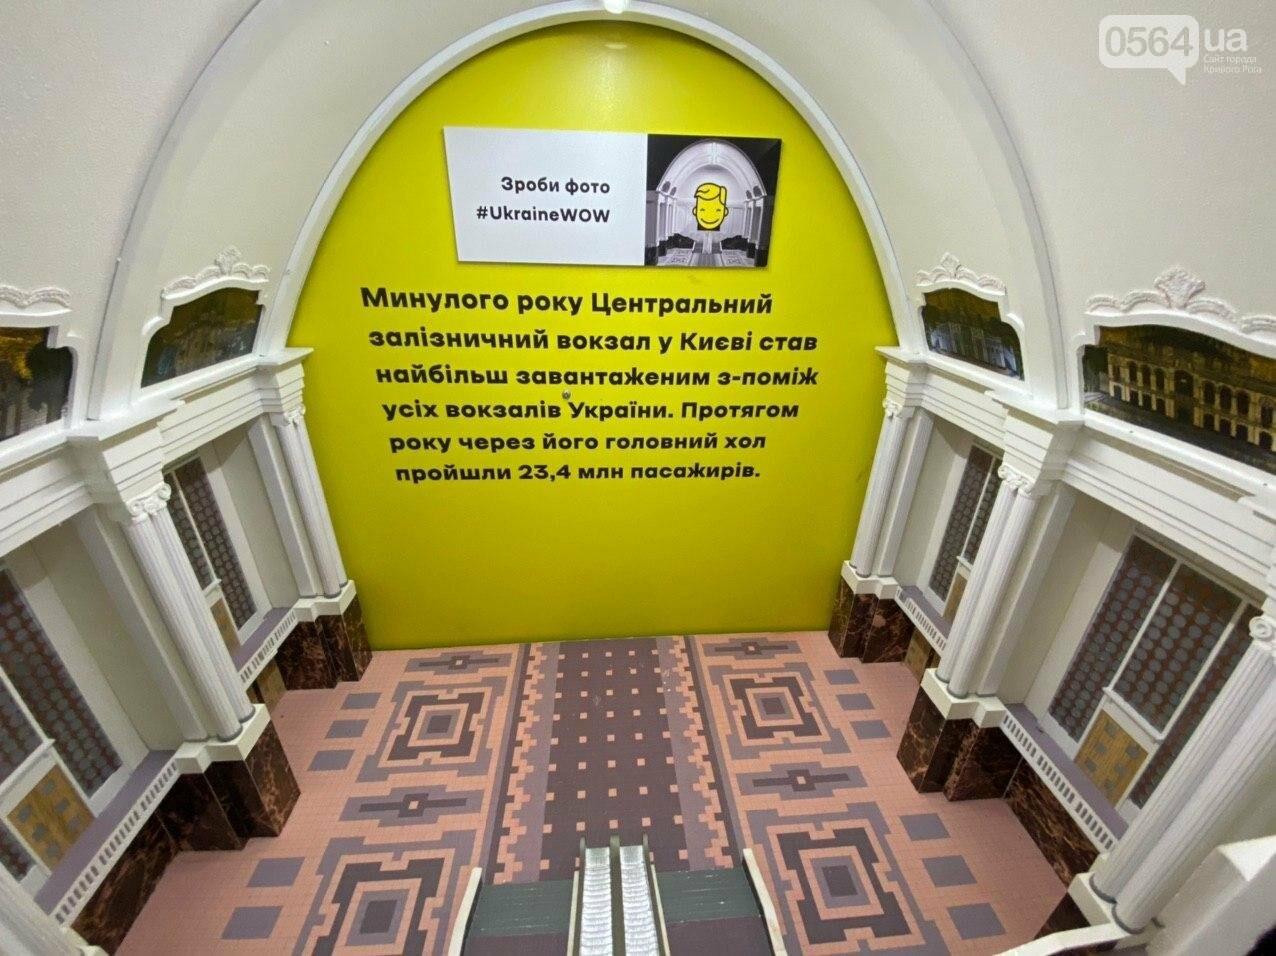 Ukraine WOW: что можно было узнать о Кривом Роге на интерактивной выставке, - ФОТО , фото-115